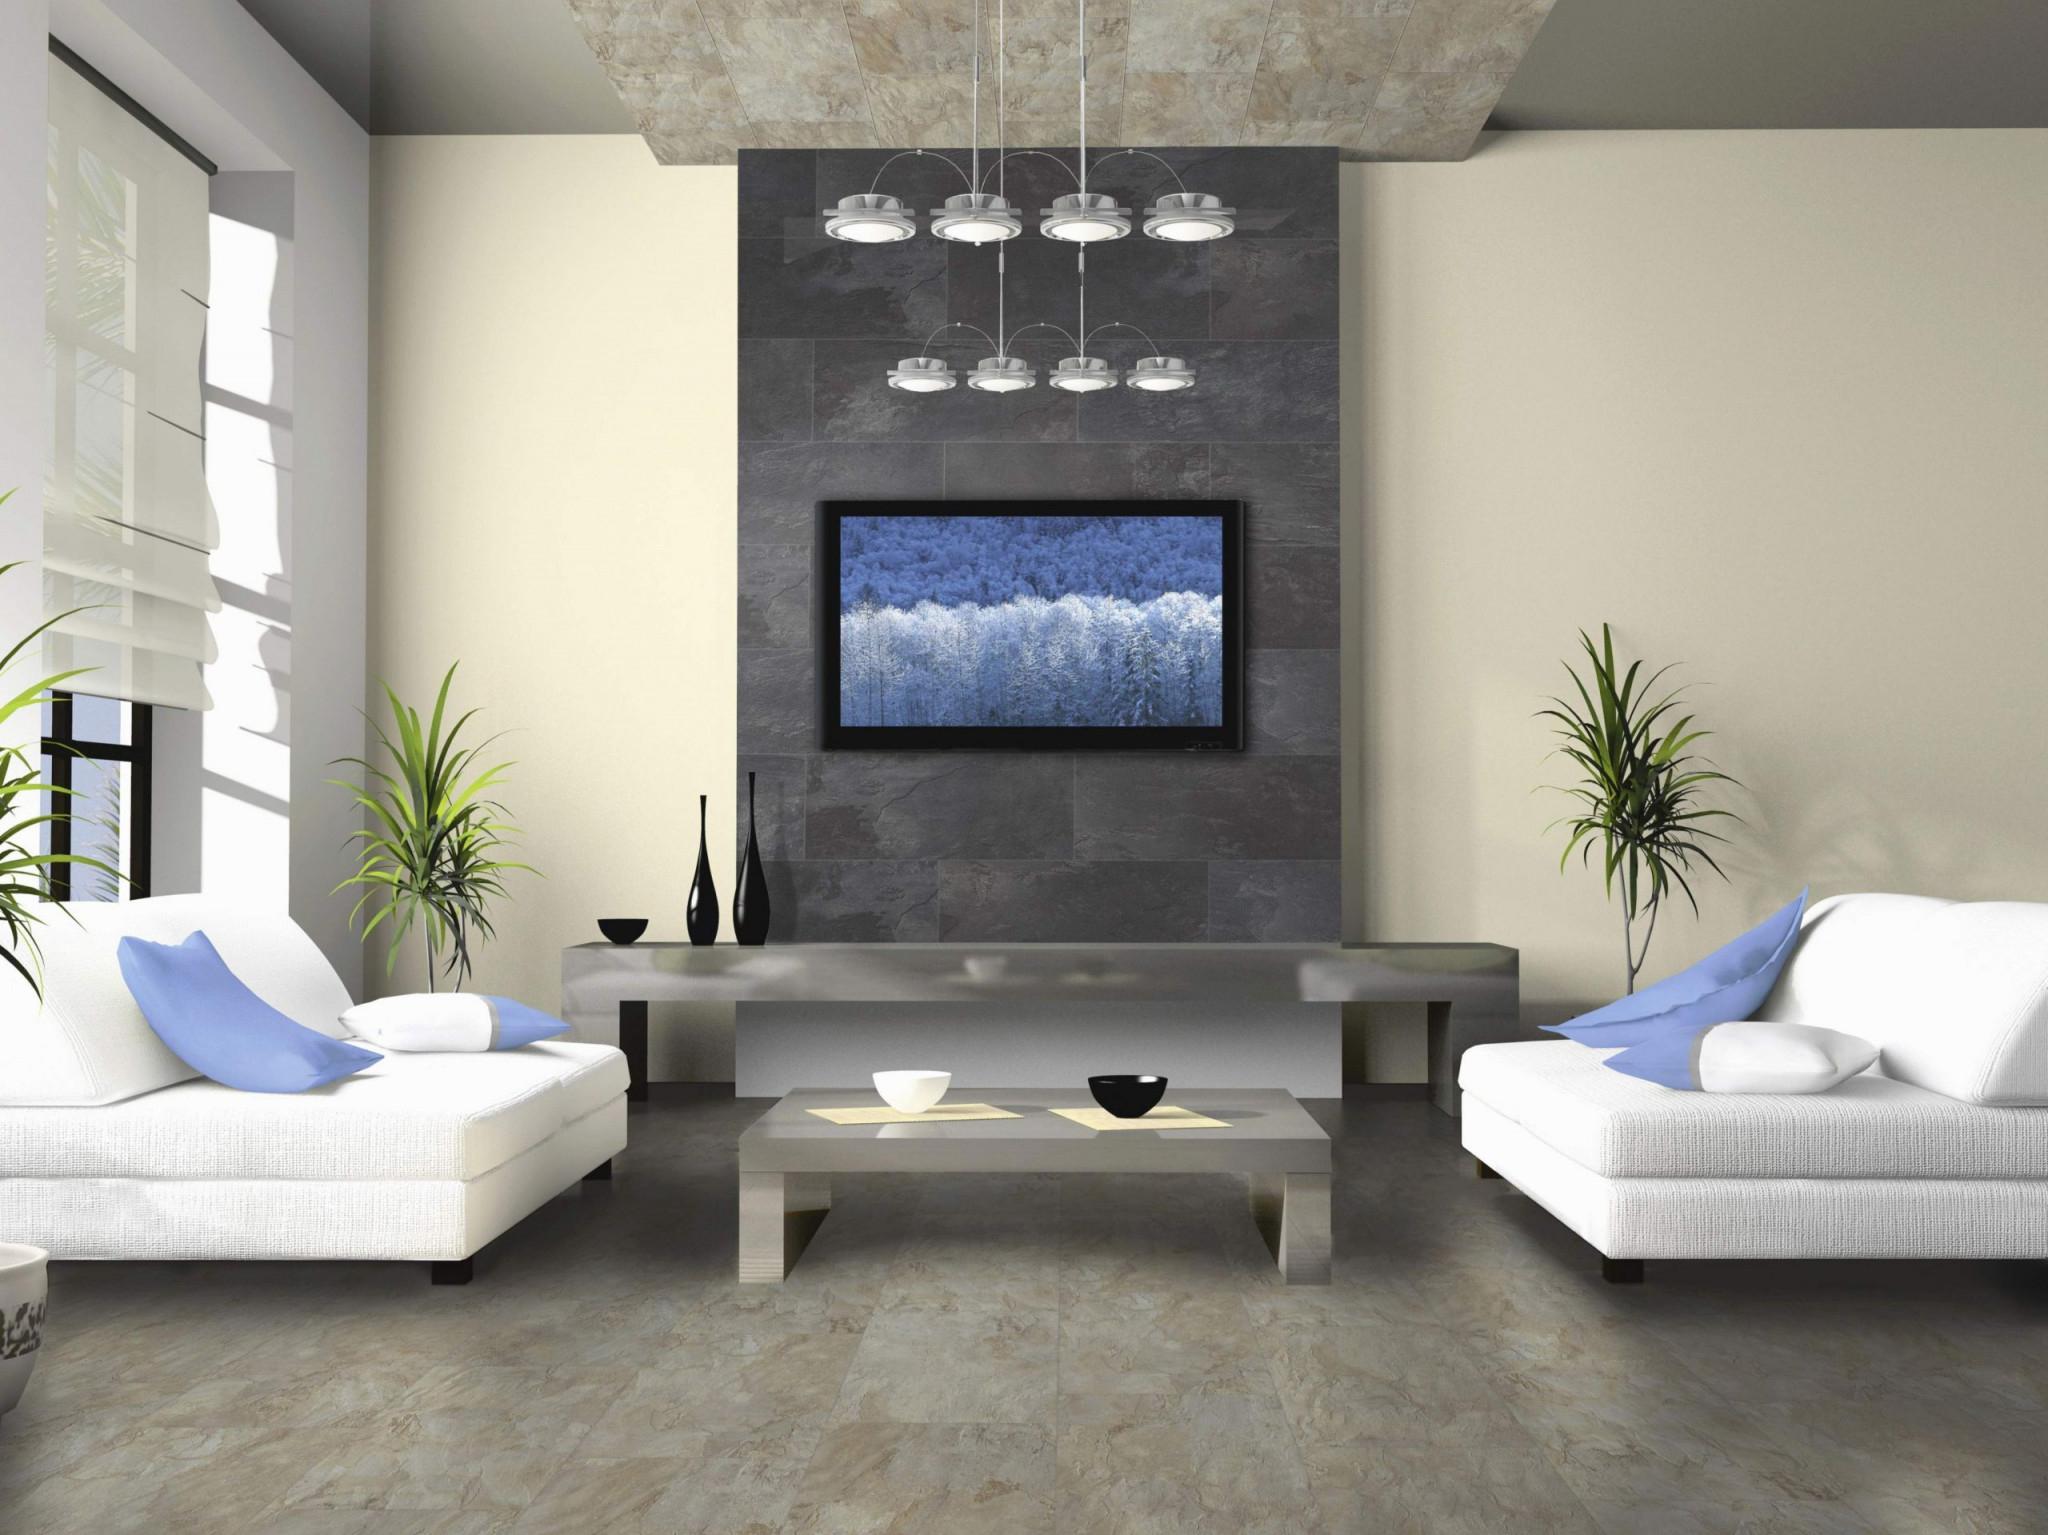 26 Schön Wohnzimmer Tv Wand Ideen Einzigartig  Wohnzimmer von Ideen Für Wände Im Wohnzimmer Photo